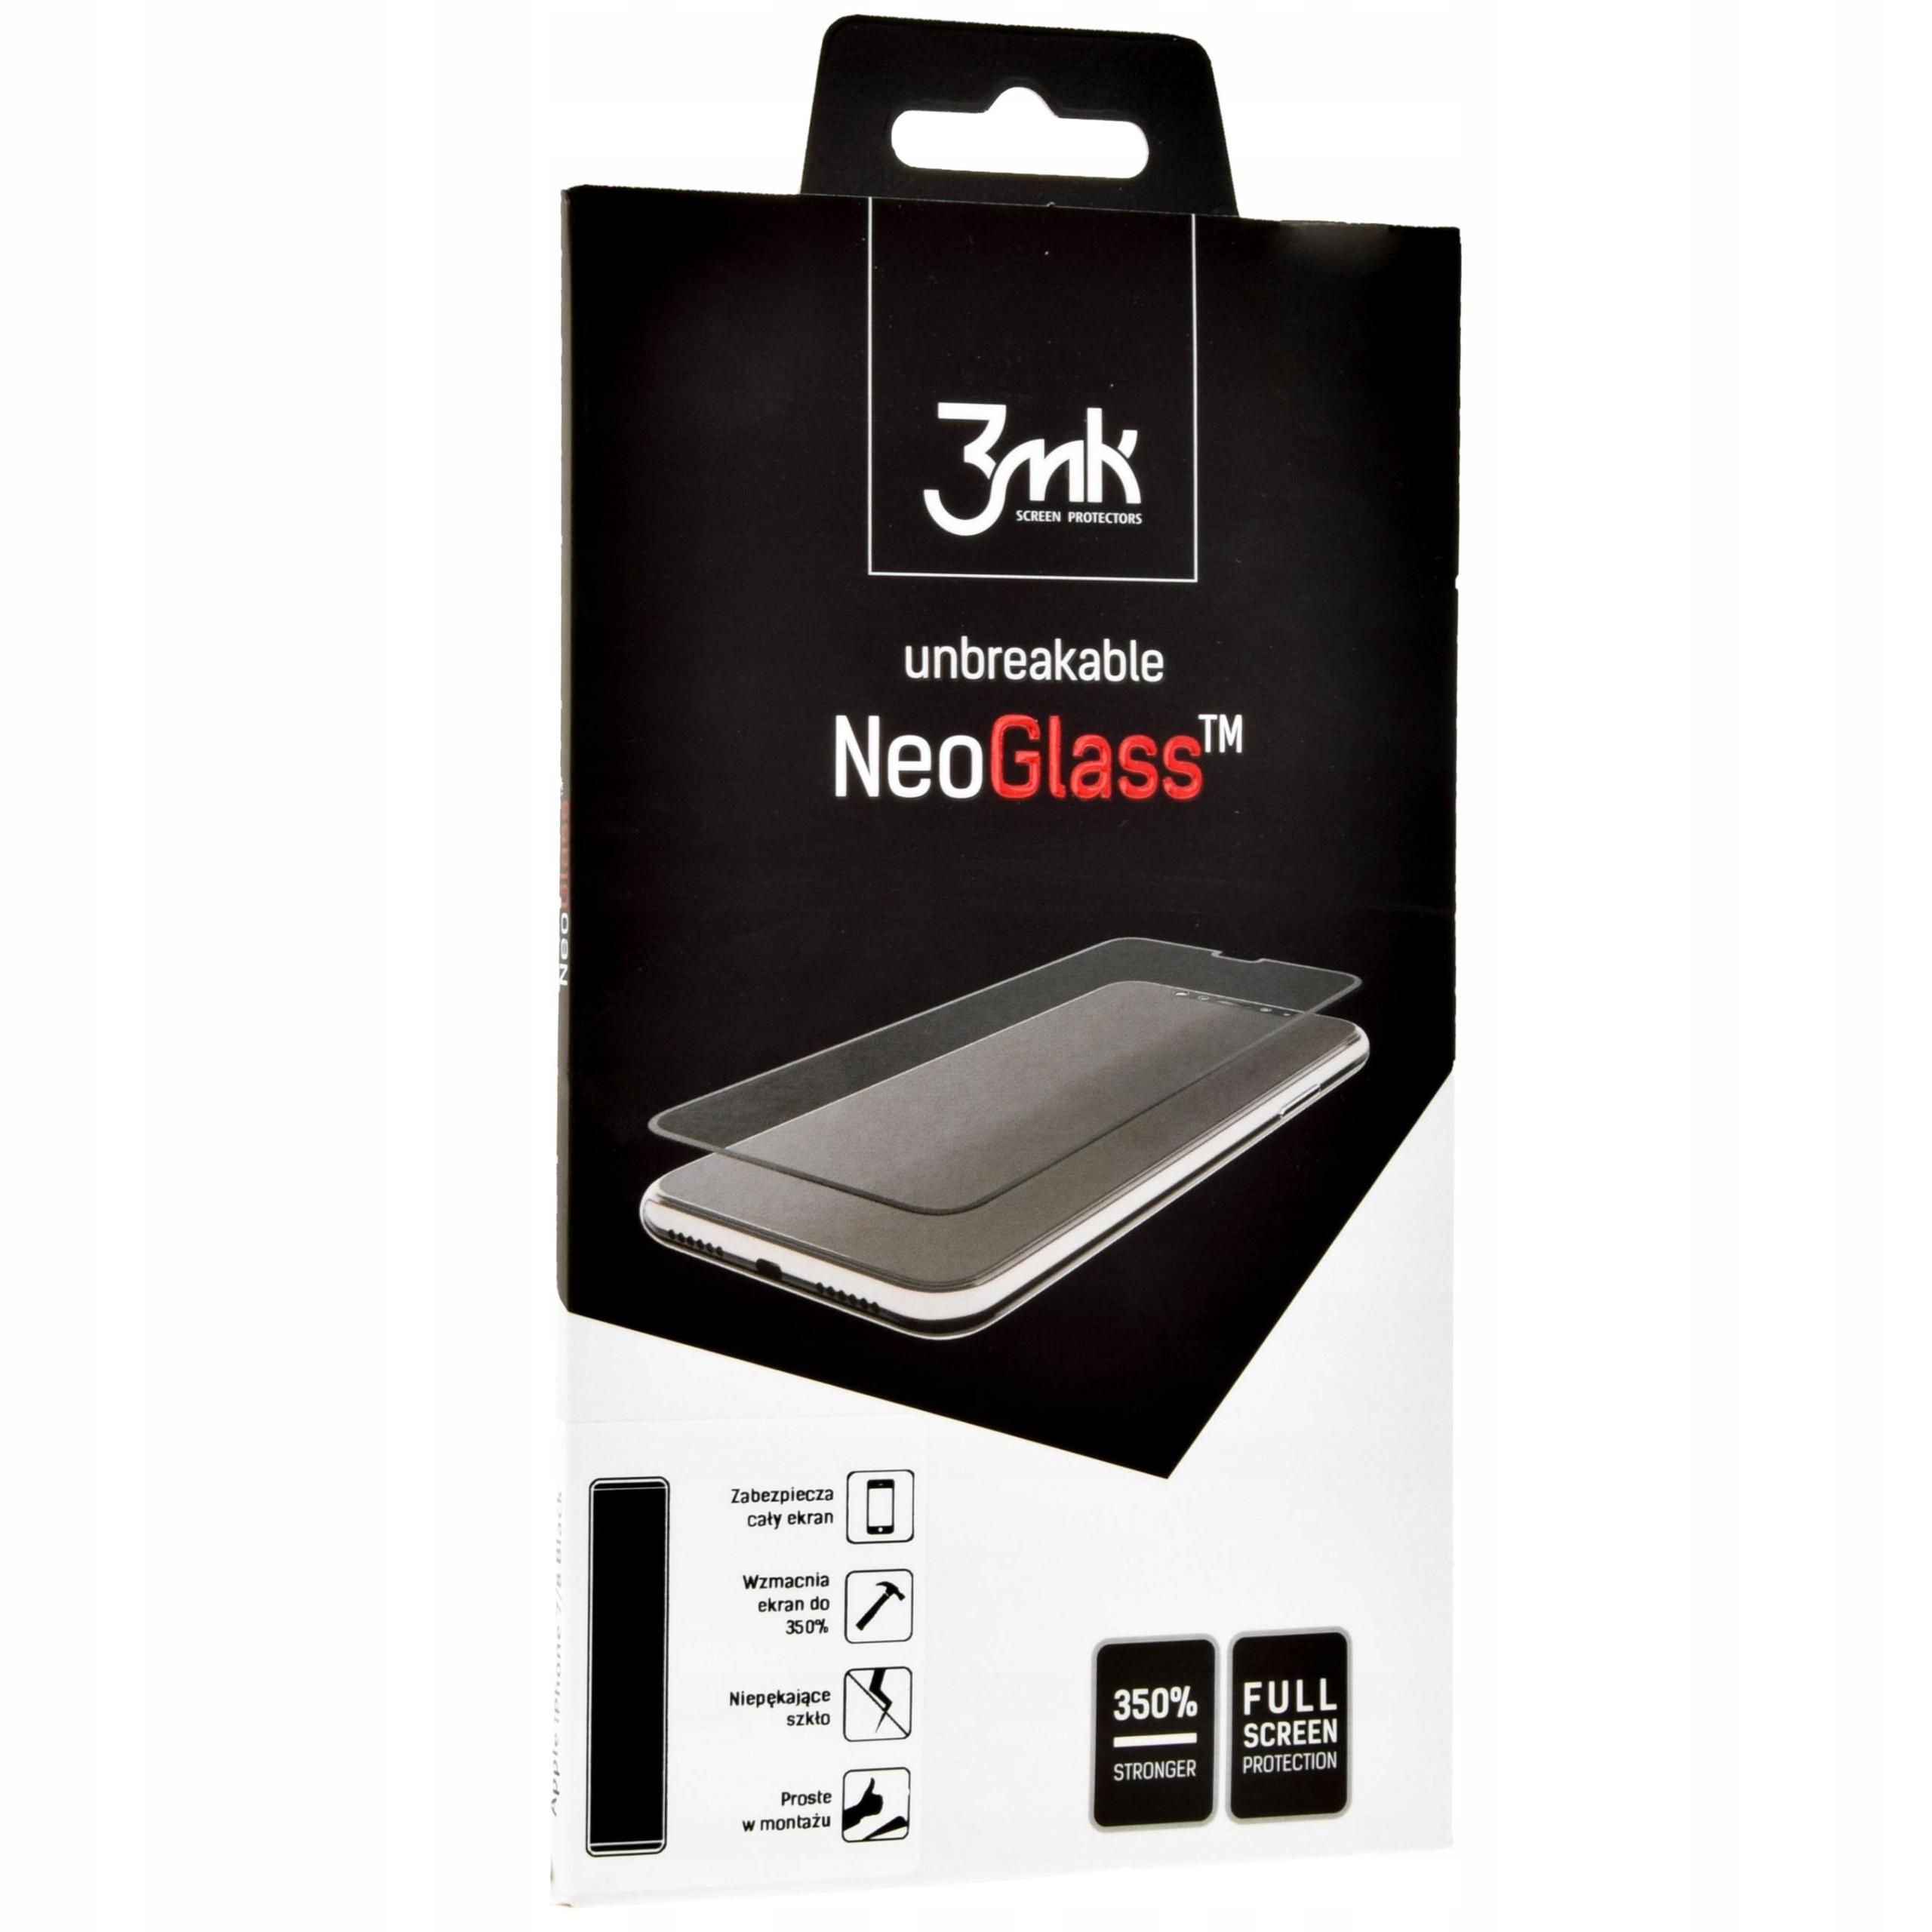 Szkło ochronne 3mk do iPhone Xs Max, szybka, Ng